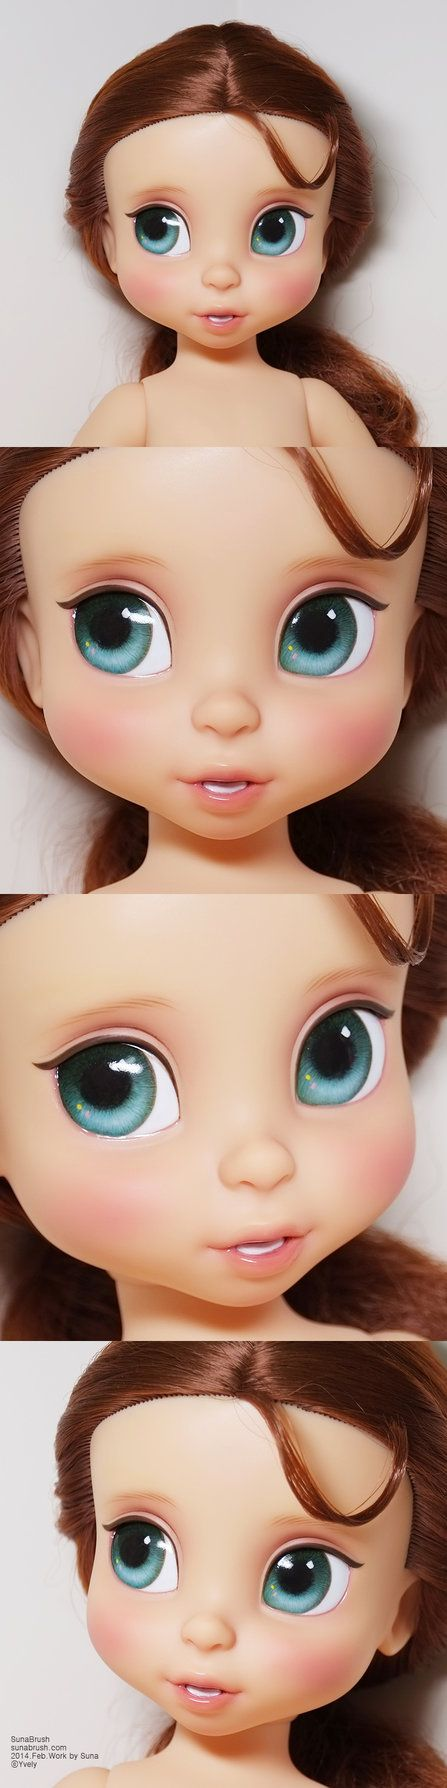 Disney Animadores Colección Muñecas - Belle por Yvely en DeviantArt